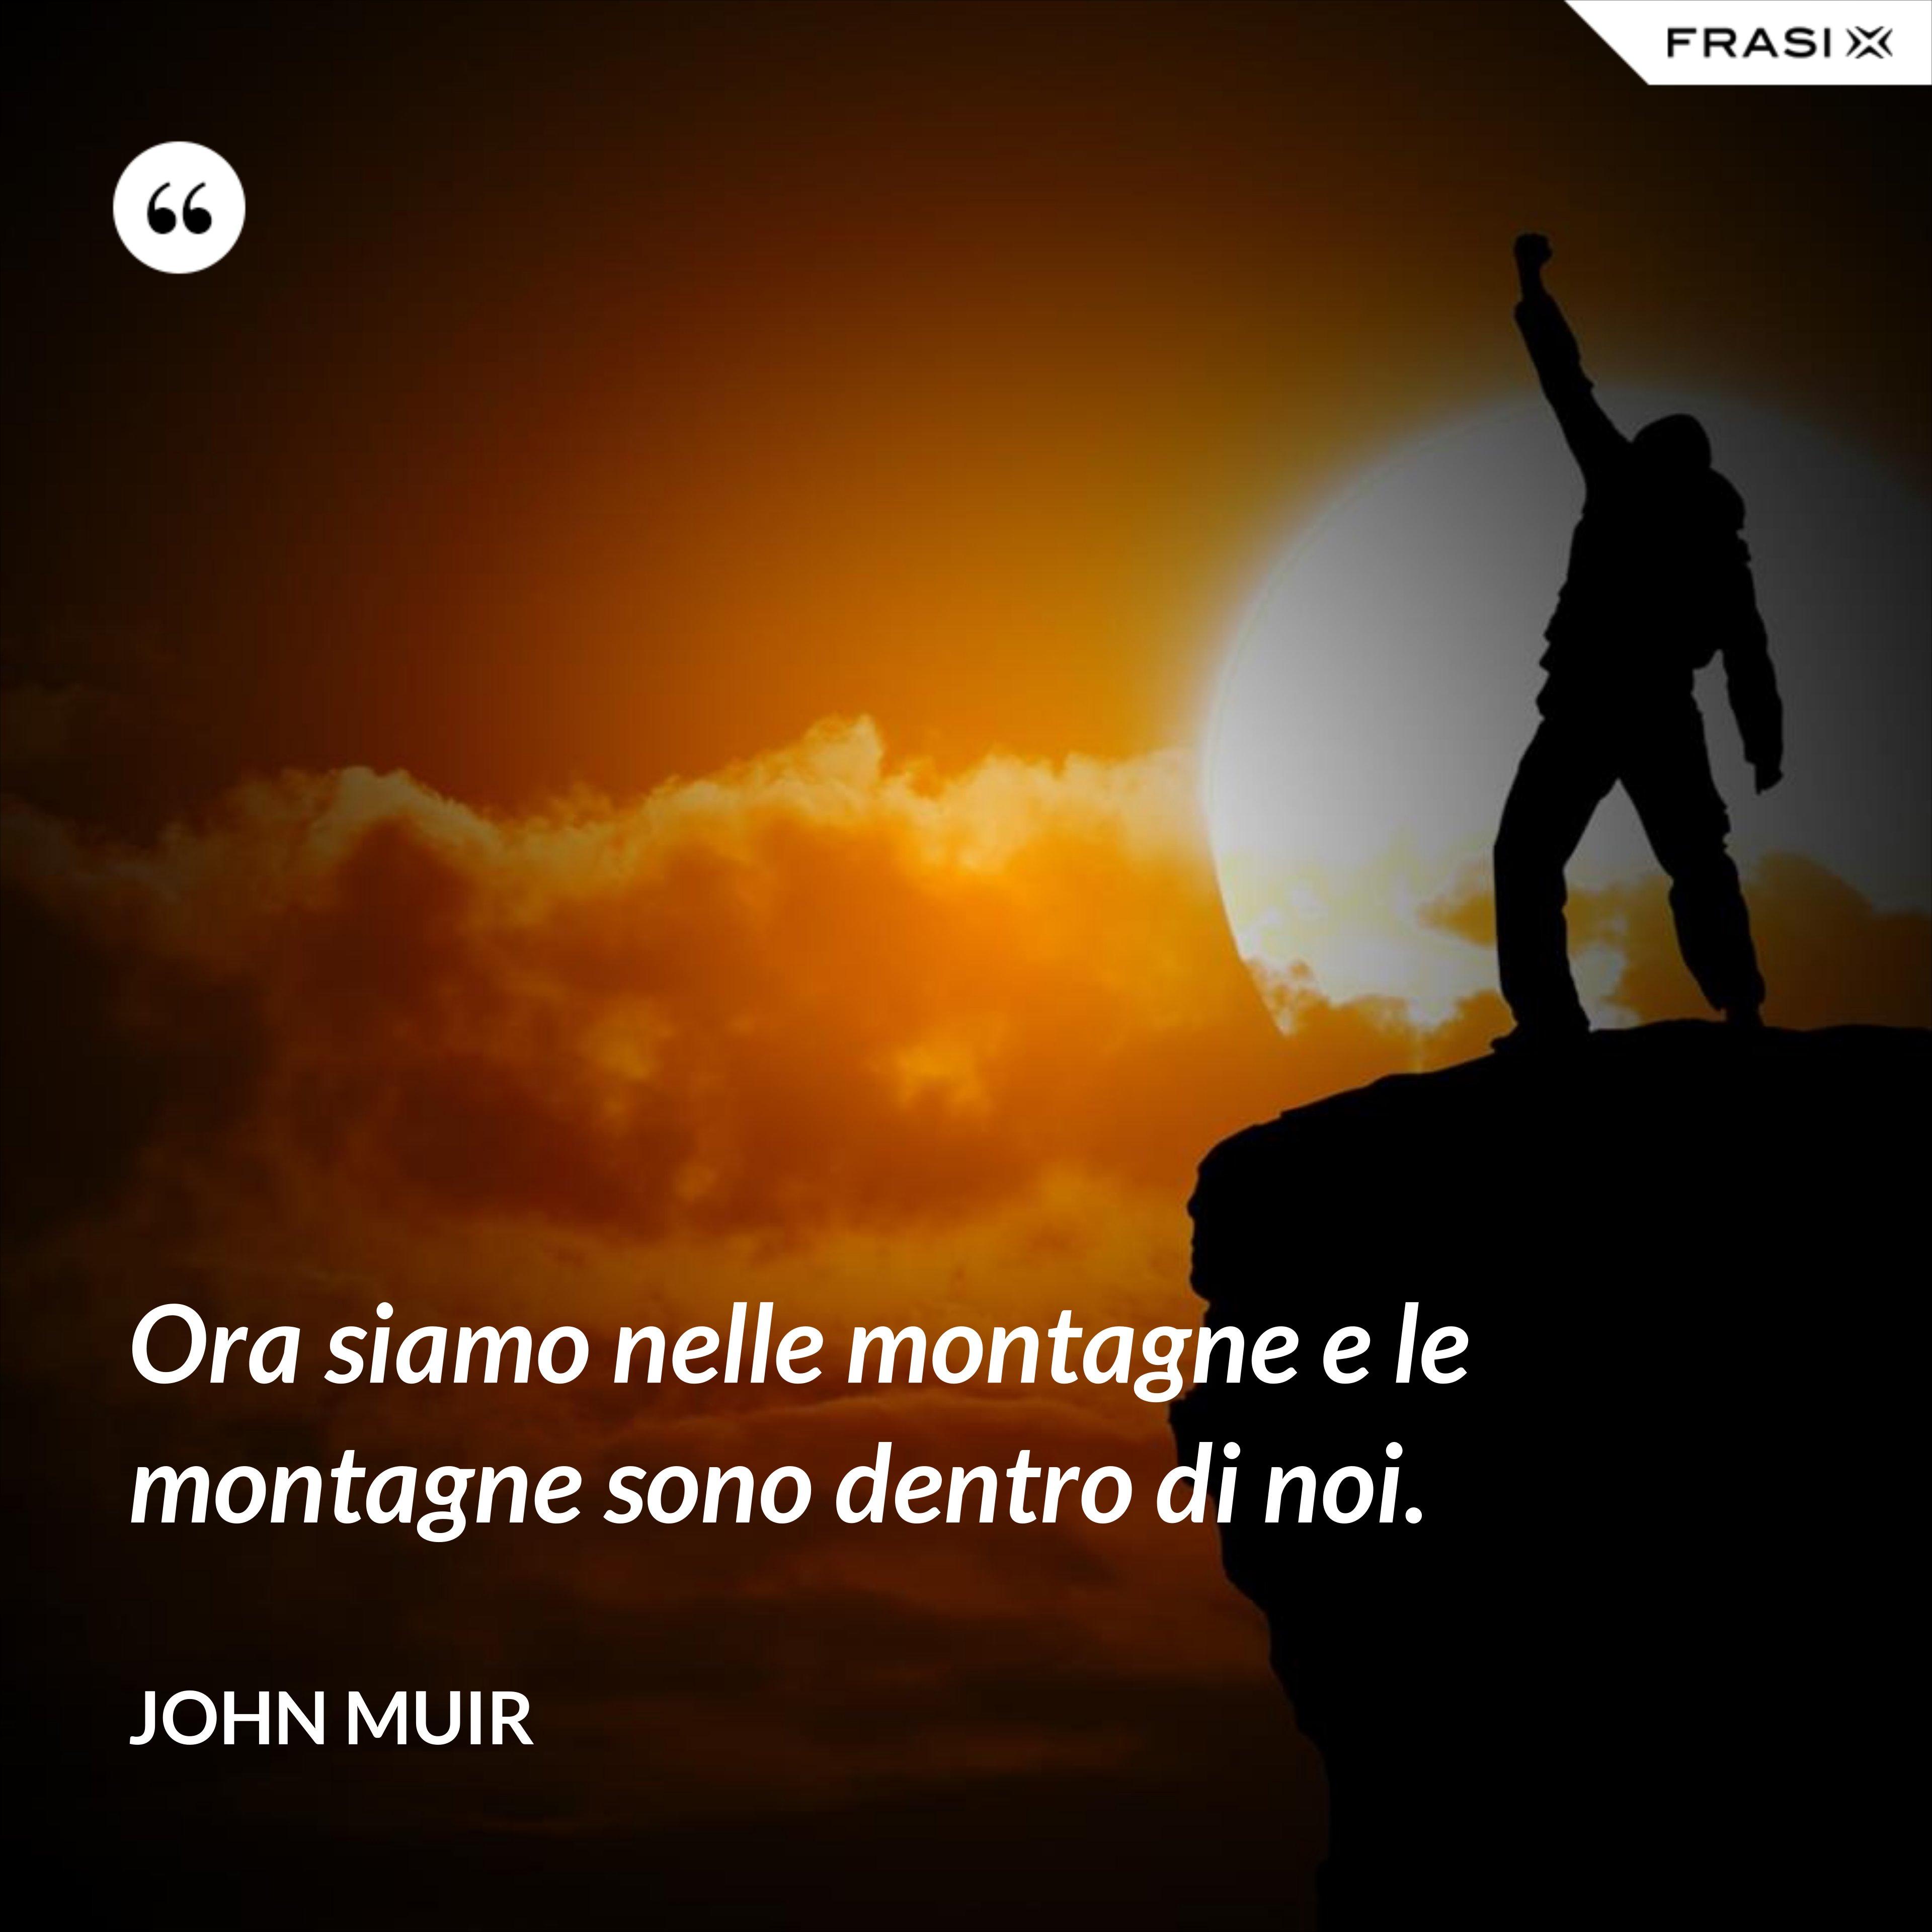 Ora siamo nelle montagne e le montagne sono dentro di noi. - John Muir